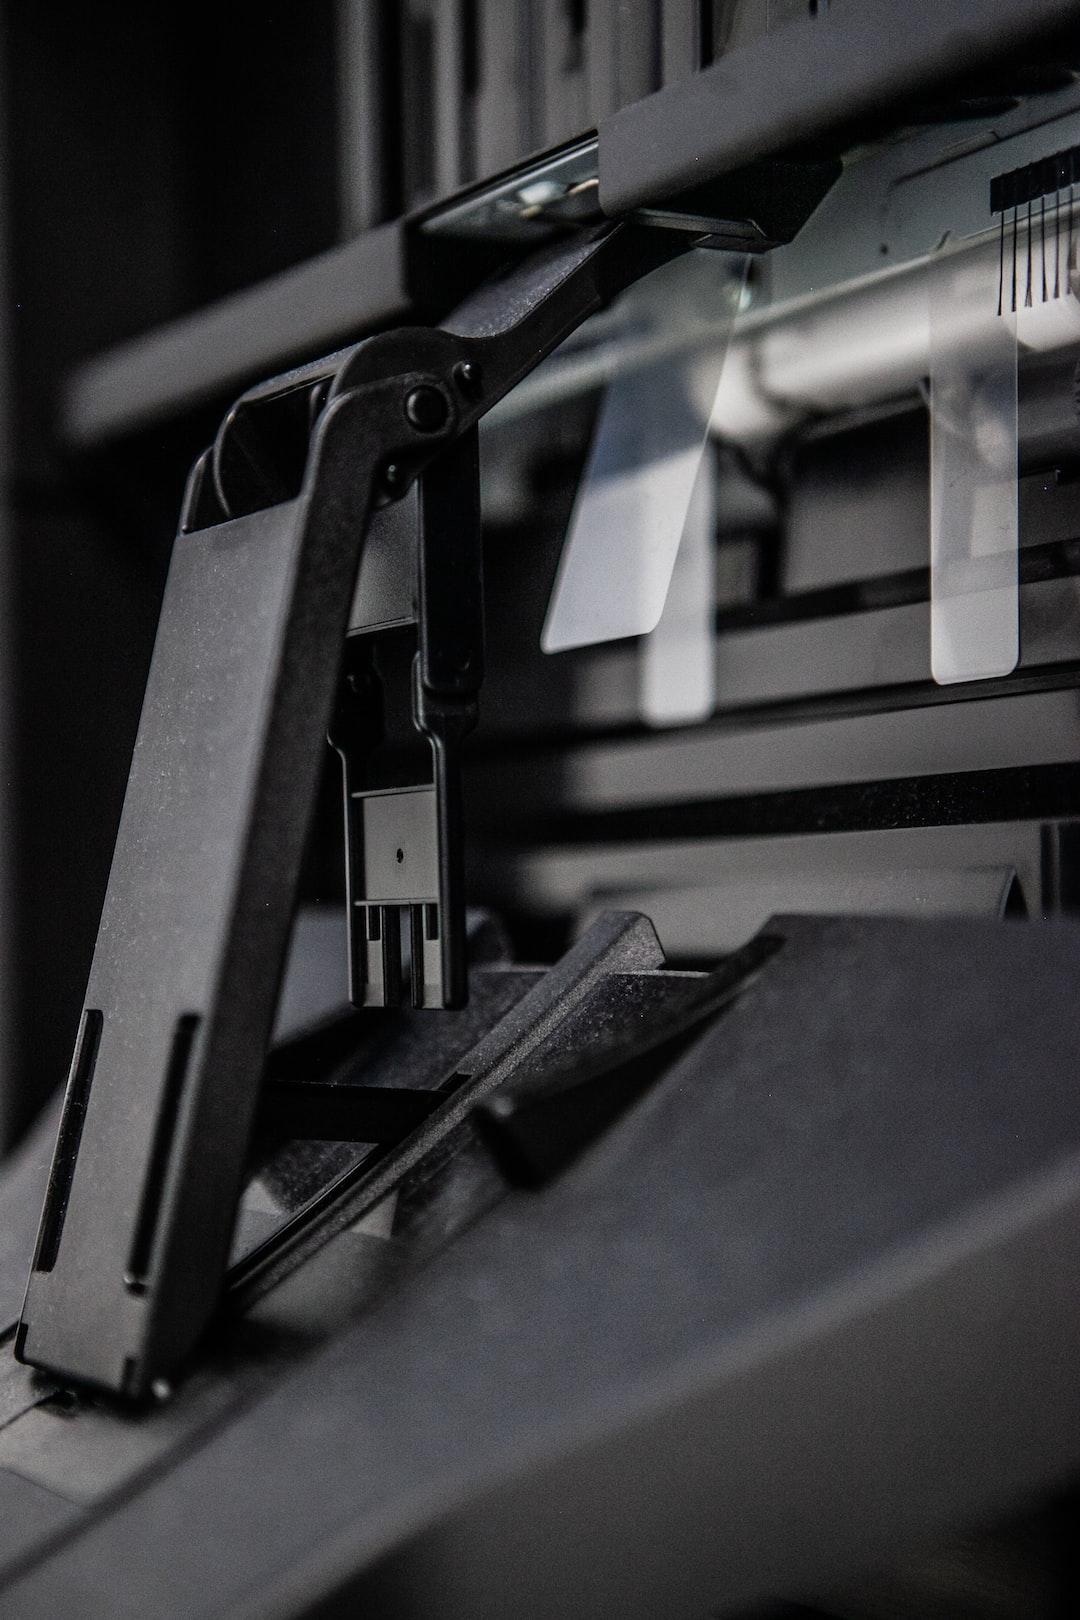 OKI Data participa da FuturePrint 2019 com impressoras digitais para o mercado têxtil